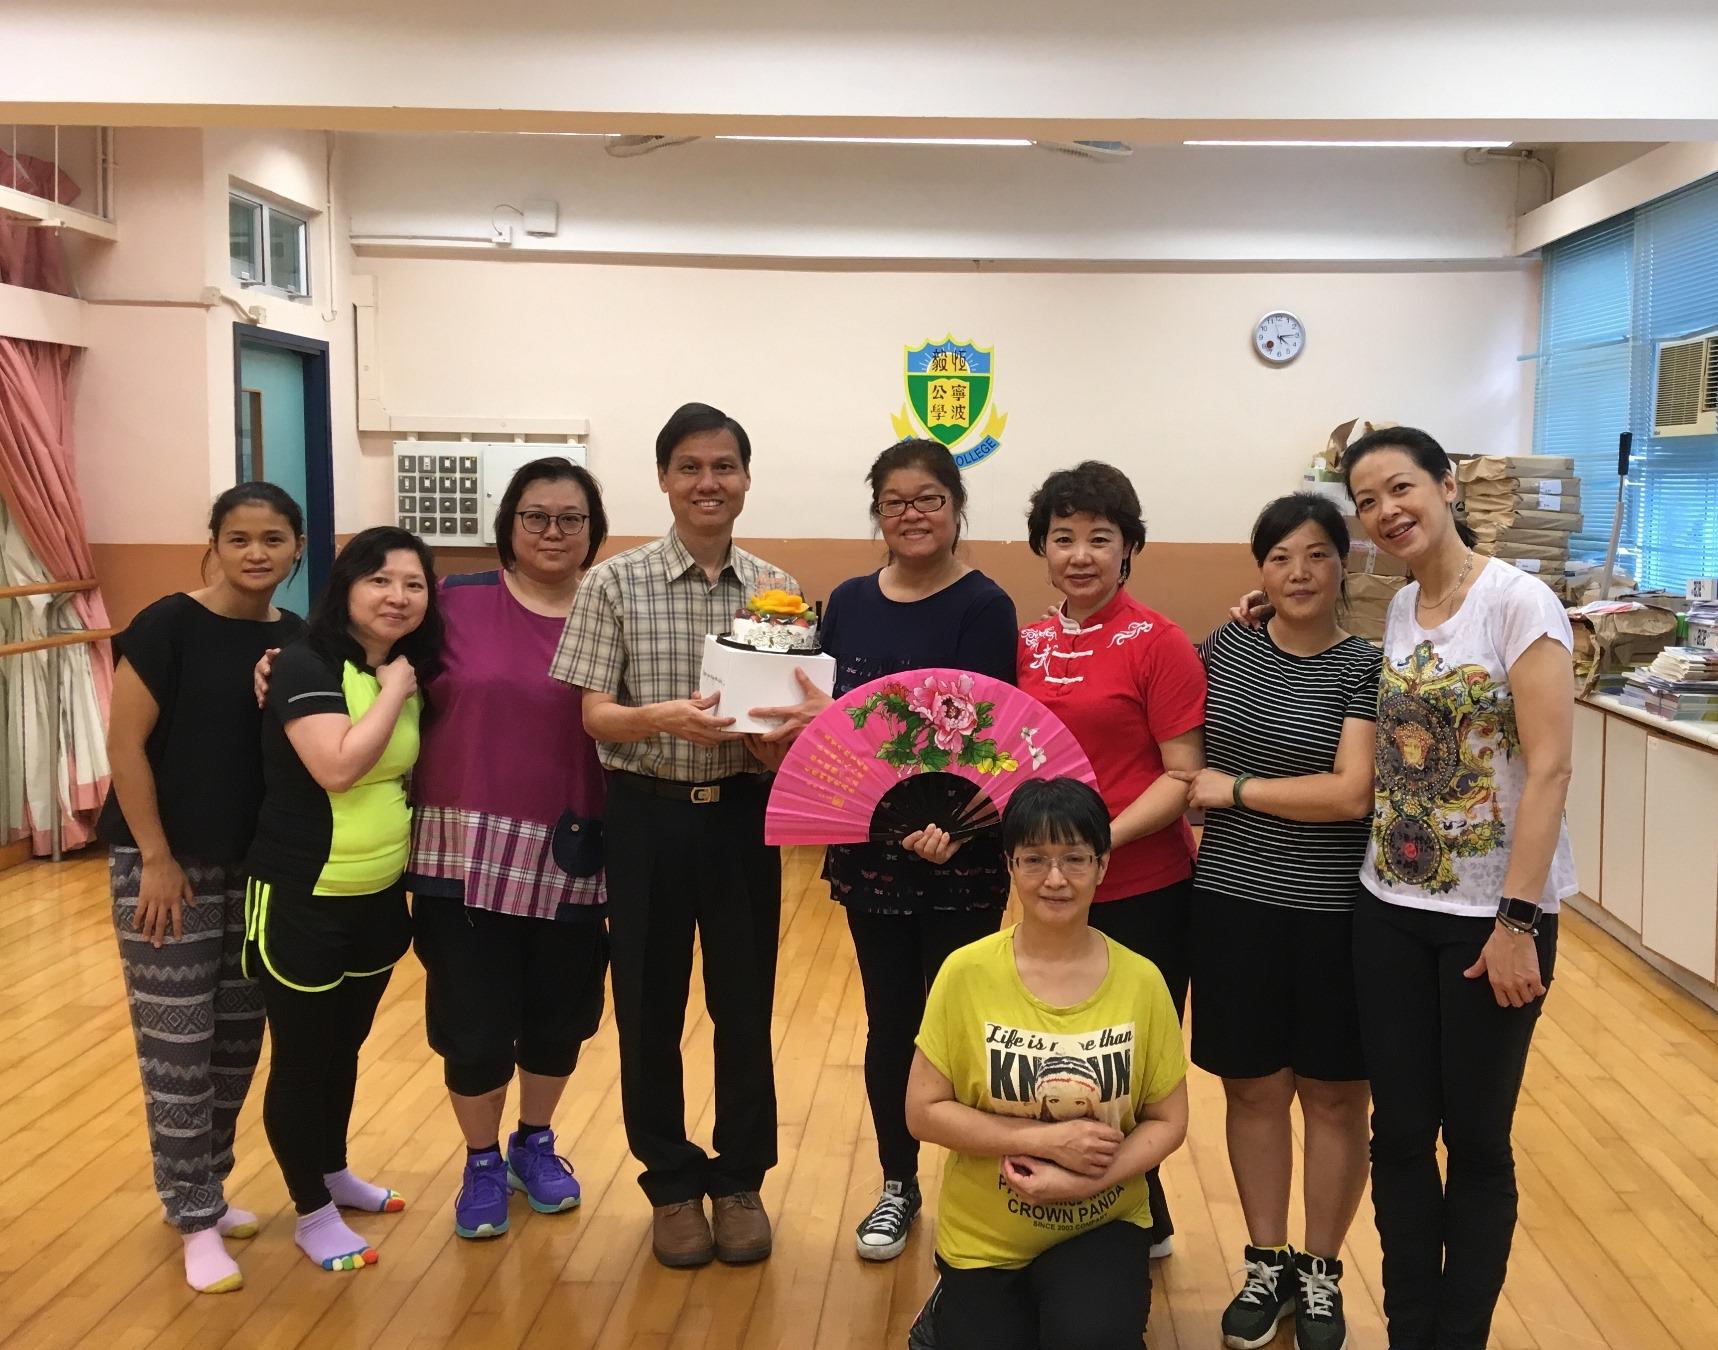 http://www.npc.edu.hk/sites/default/files/fullsizerender_5.jpg